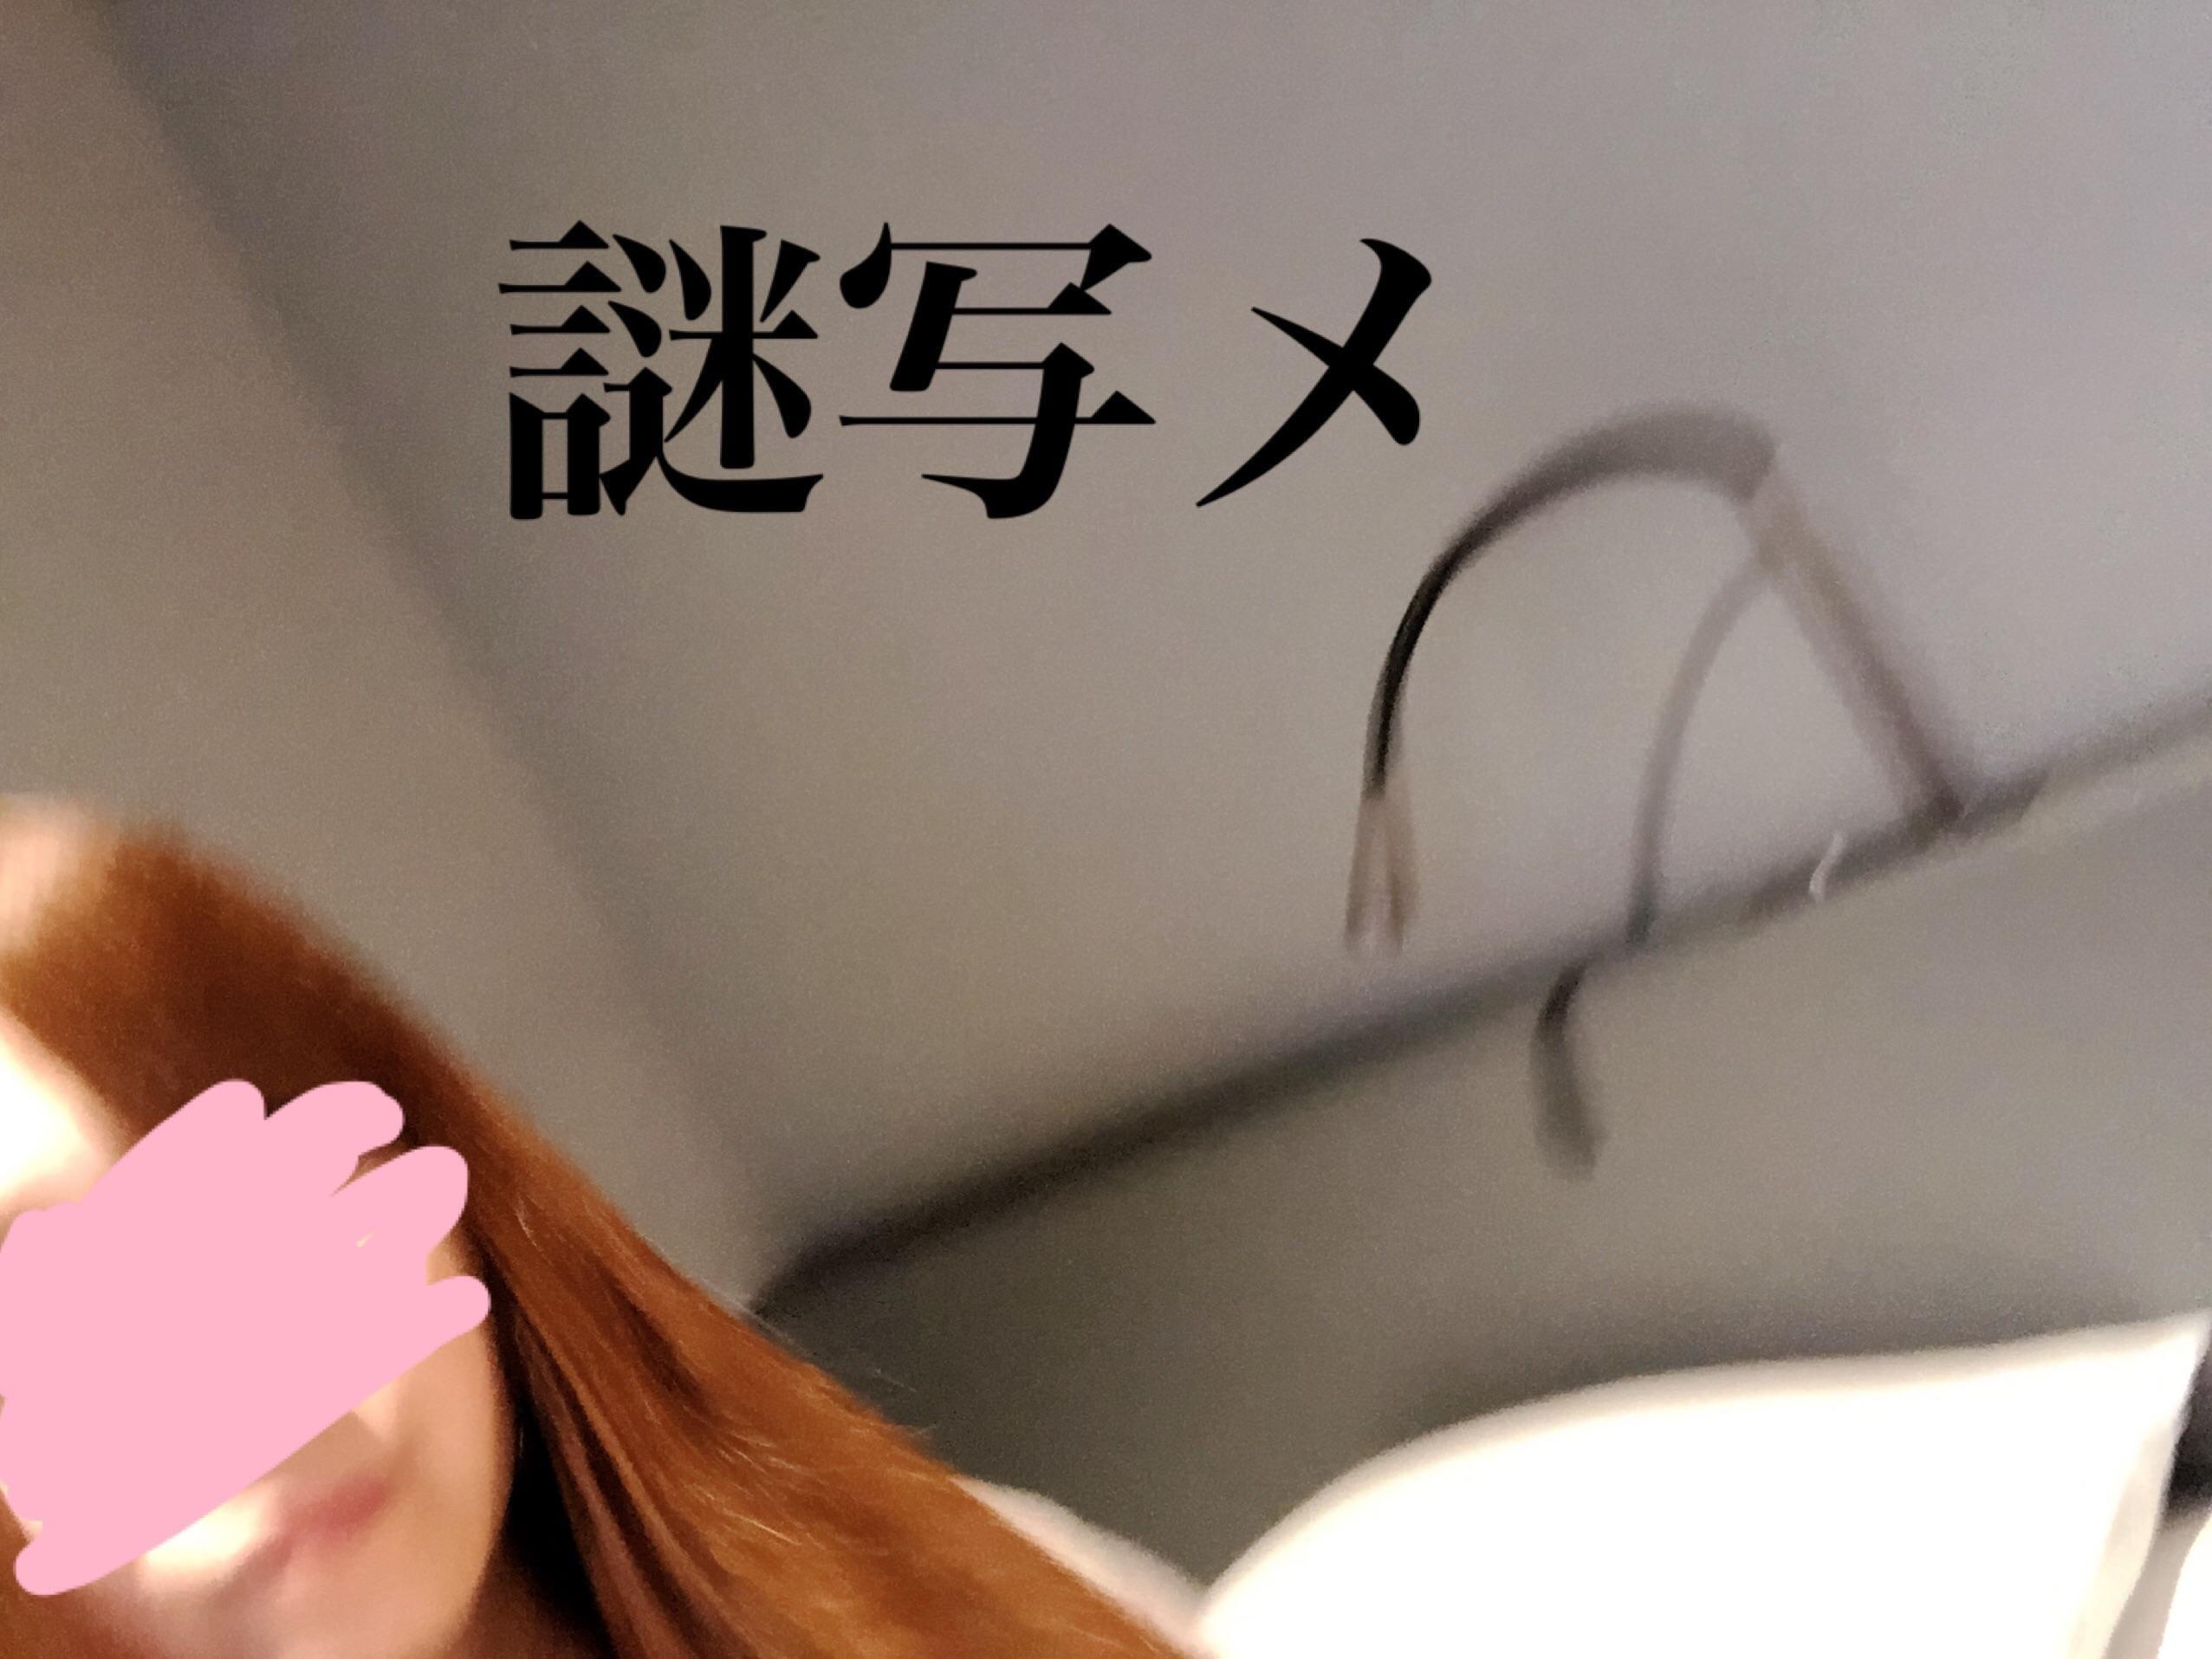 「逆転してるー!」08/19(日) 22:27 | ゆまの写メ・風俗動画